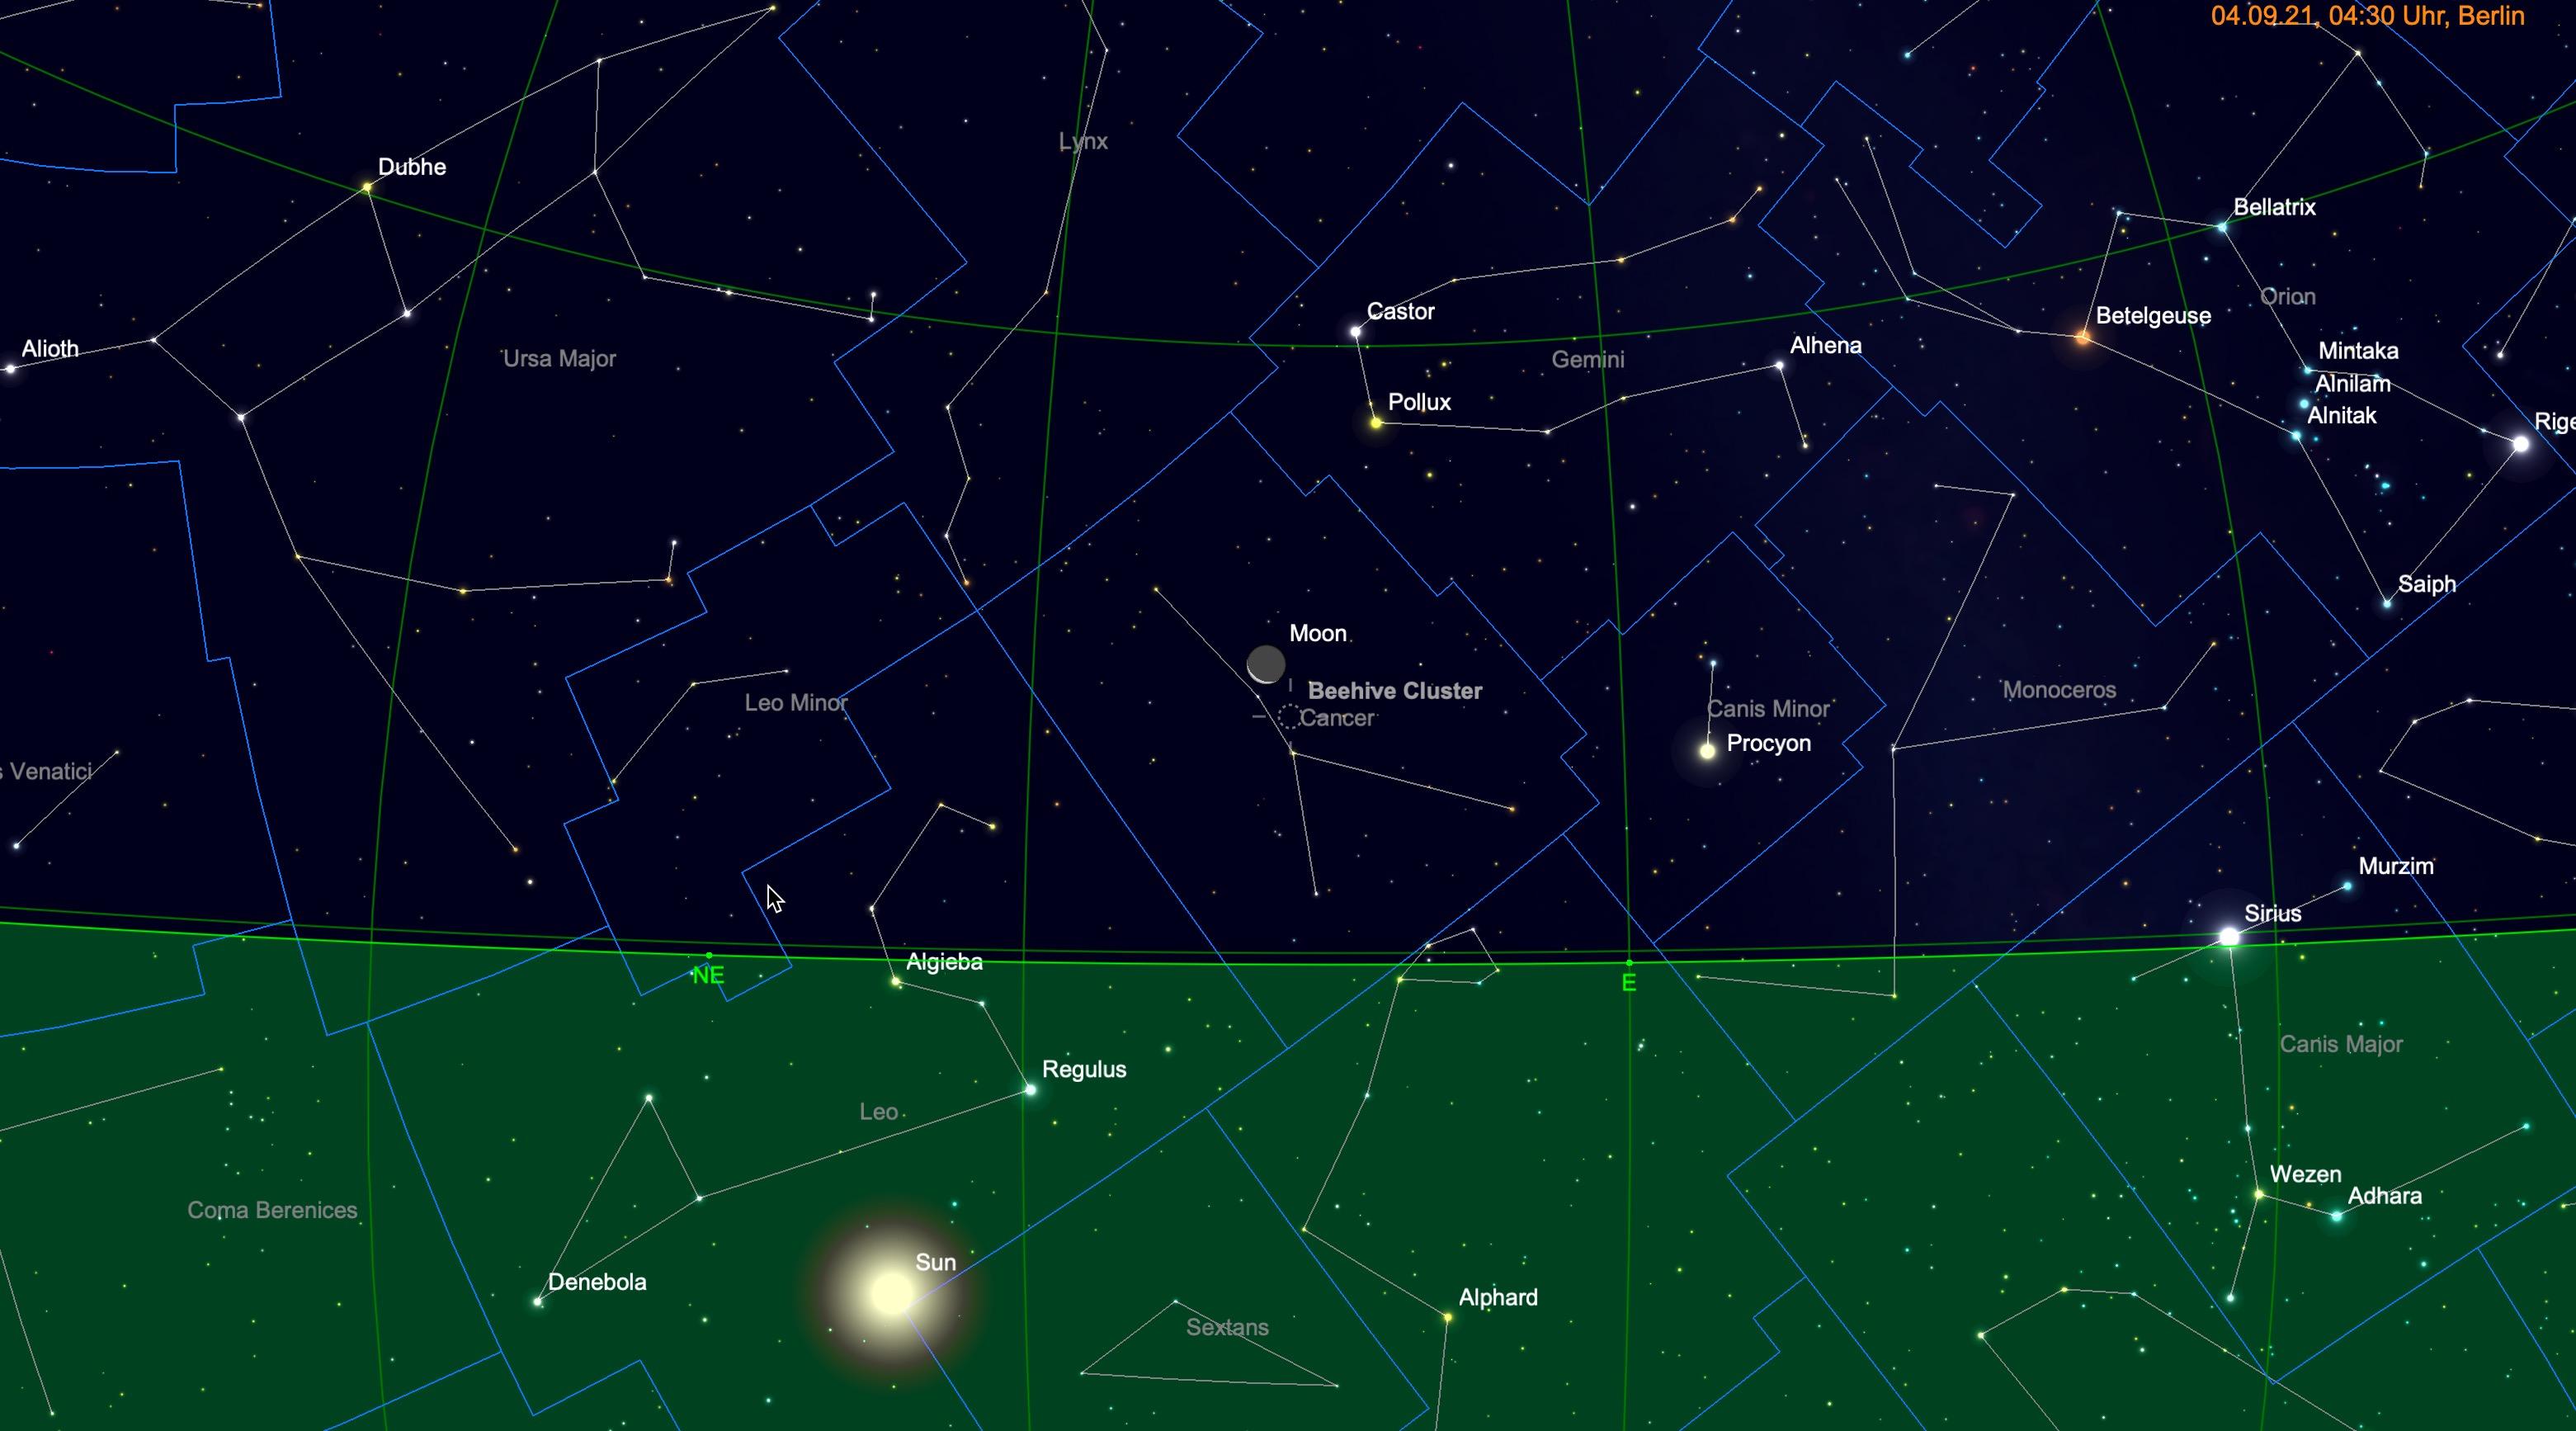 Mond bei M44